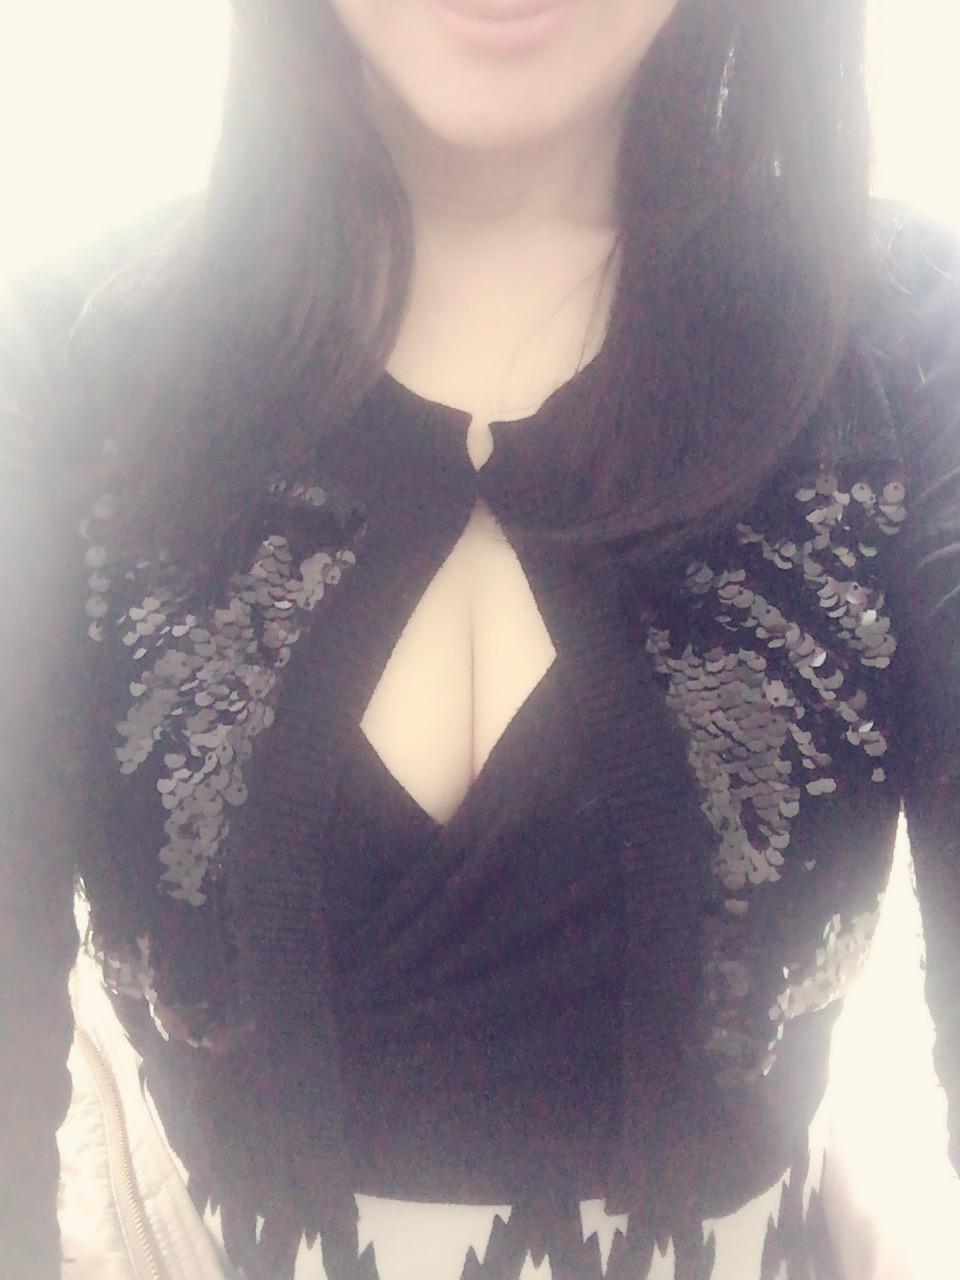 「お待ちしています♡」03/12(03/12) 18:14 | えみの写メ・風俗動画